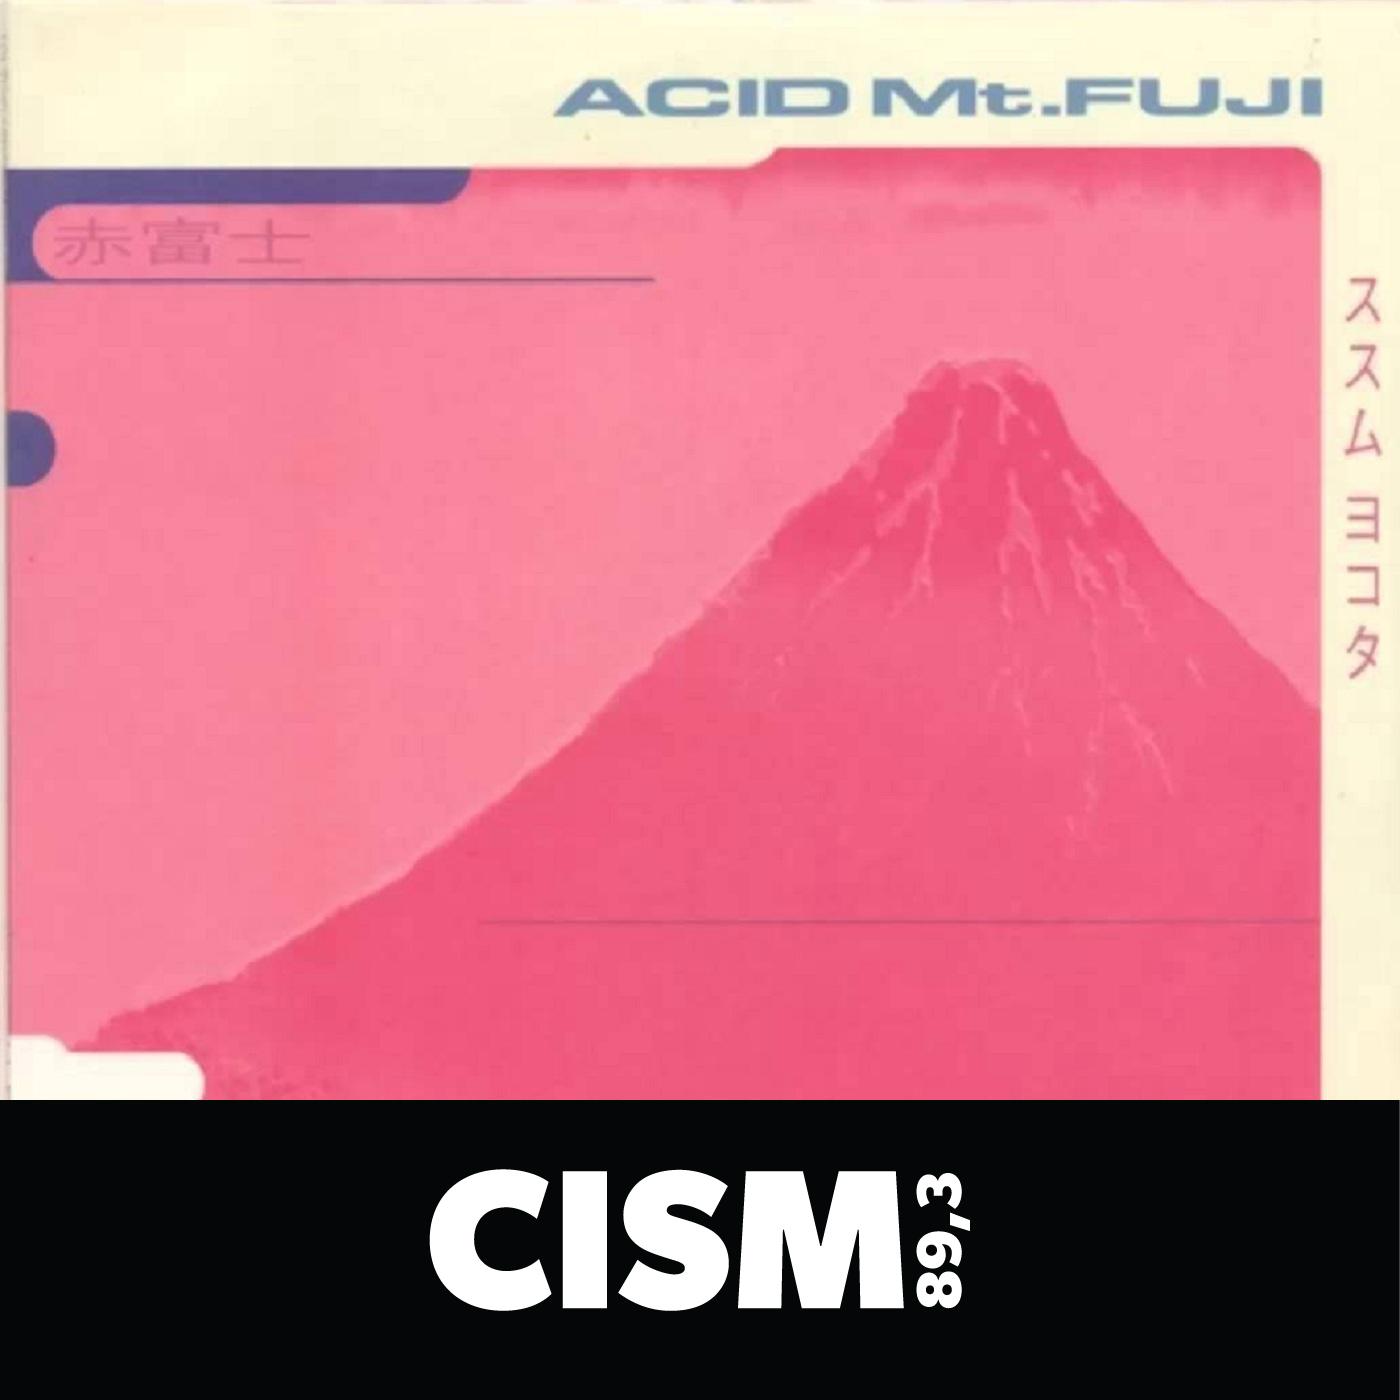 CISM 89.3 : Nihon No Seiku